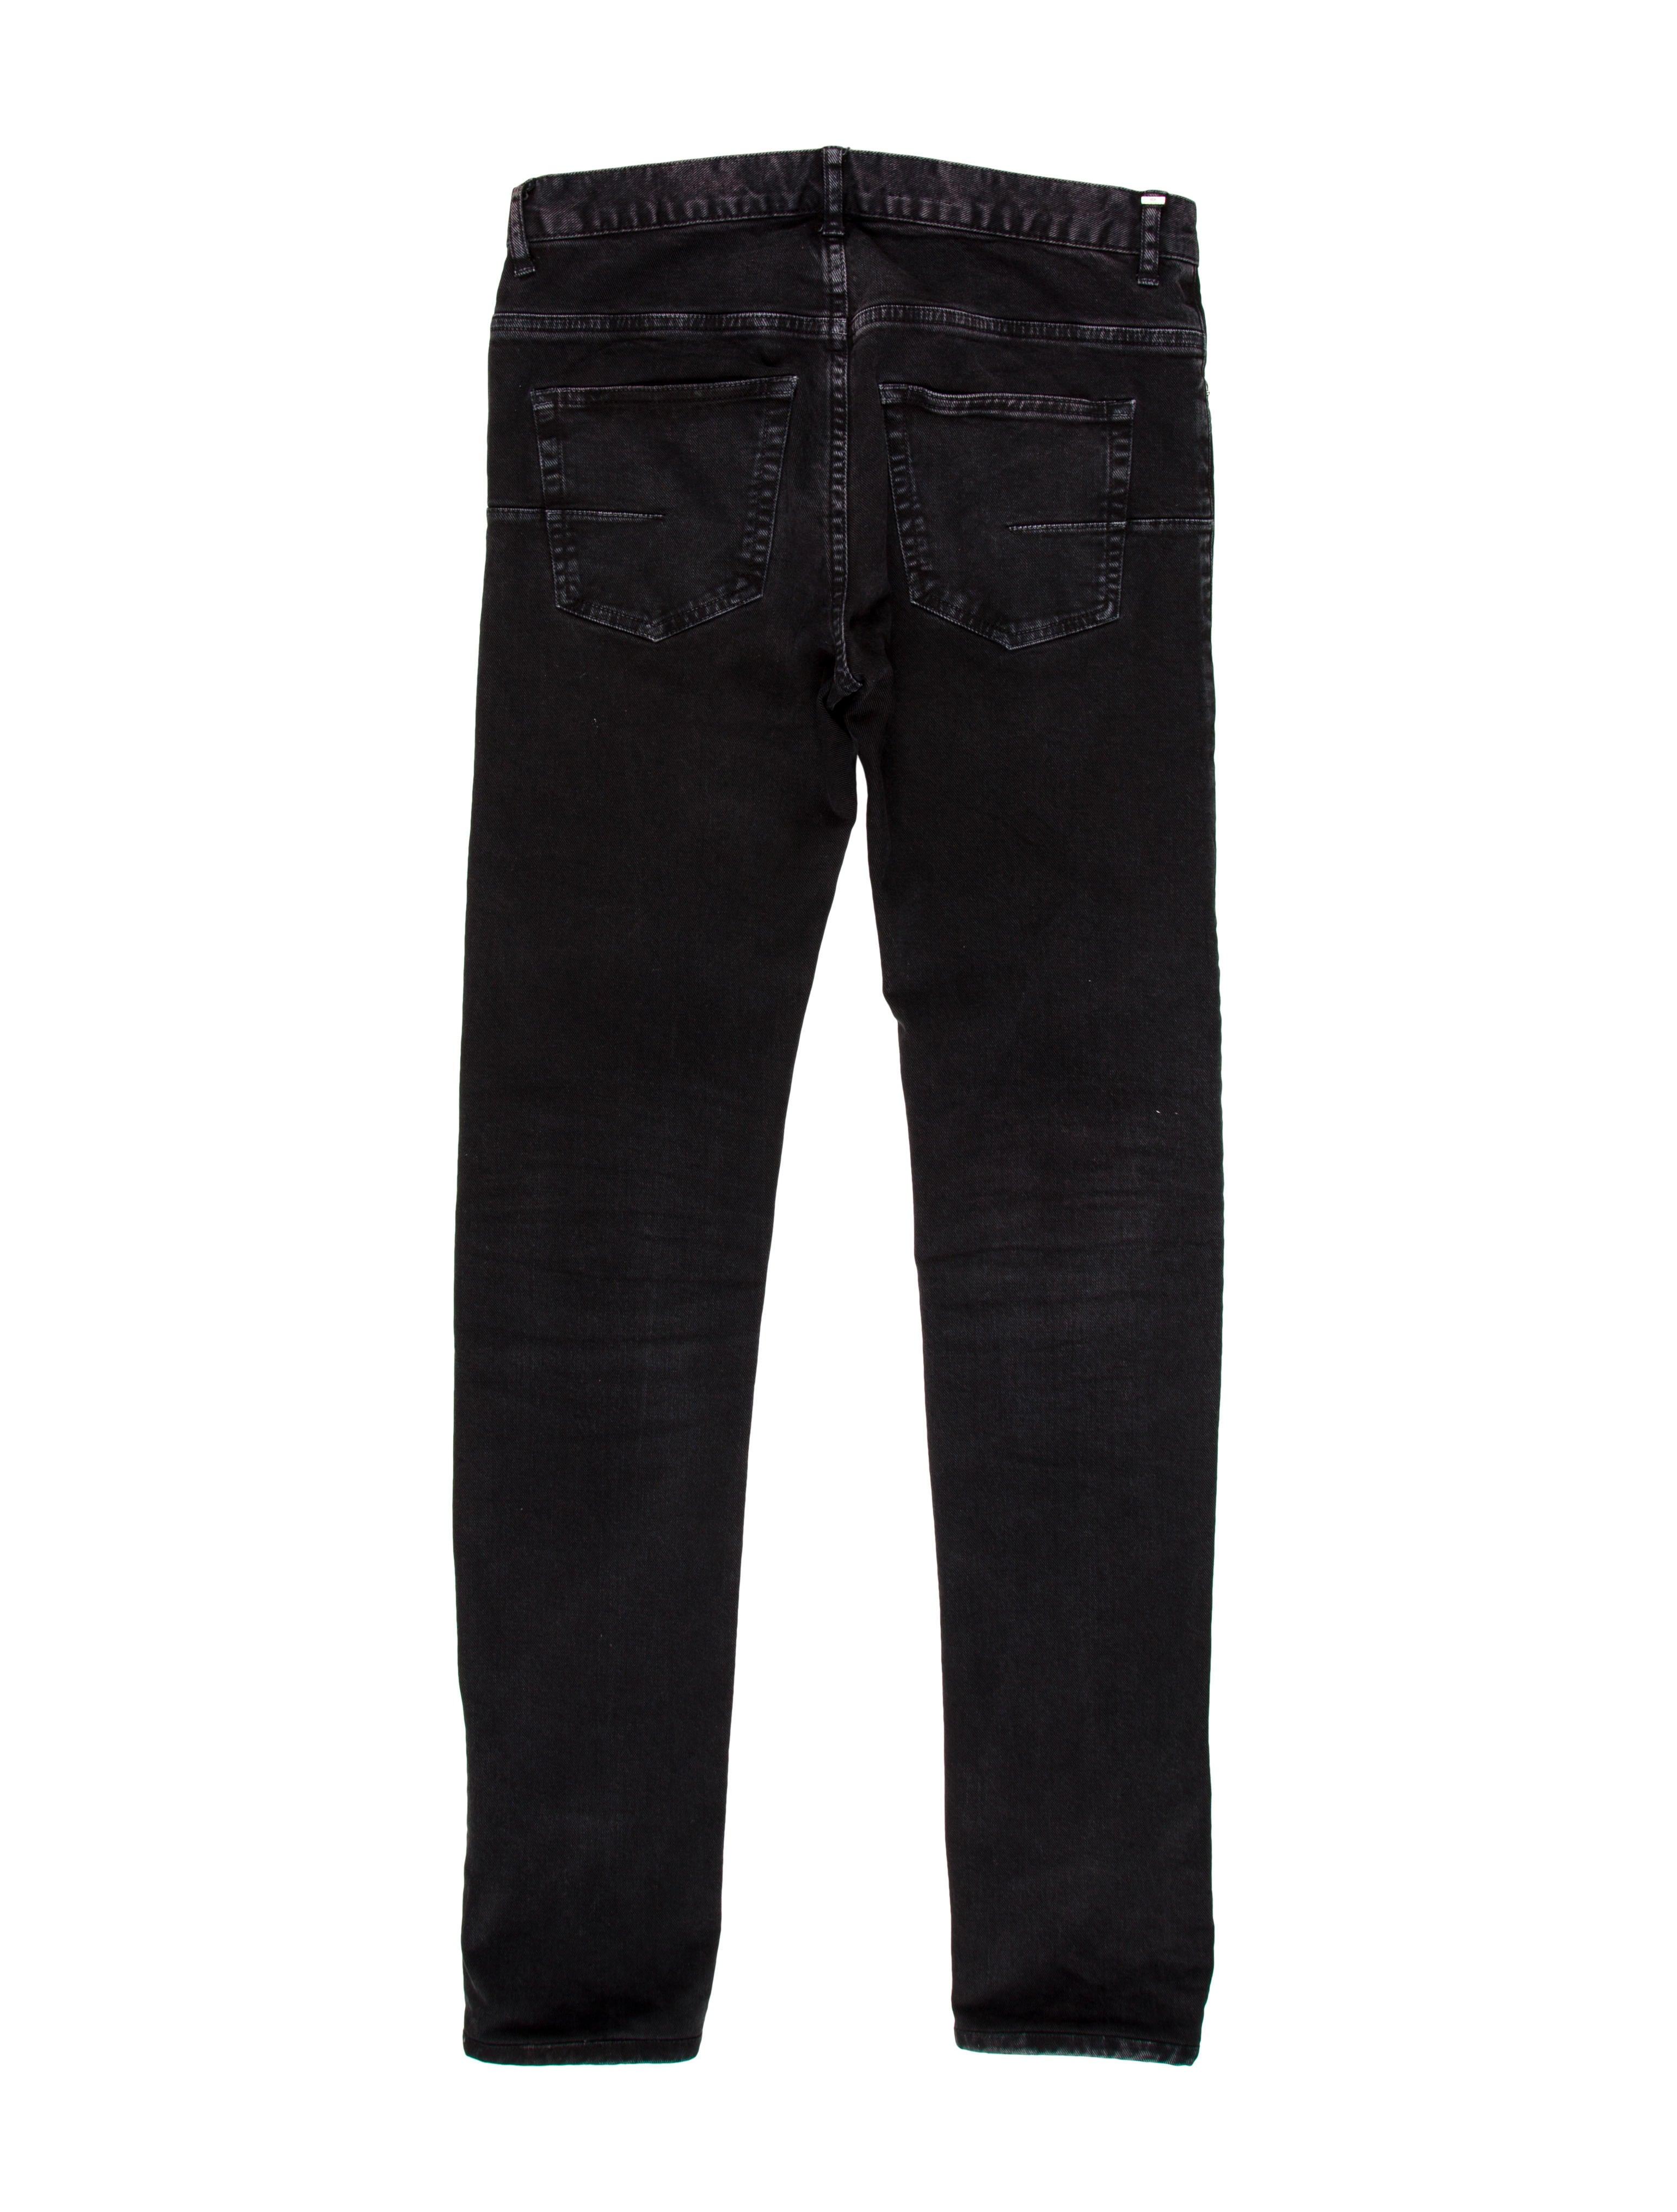 dior homme five pocket skinny jeans clothing hmm22756 the realreal. Black Bedroom Furniture Sets. Home Design Ideas